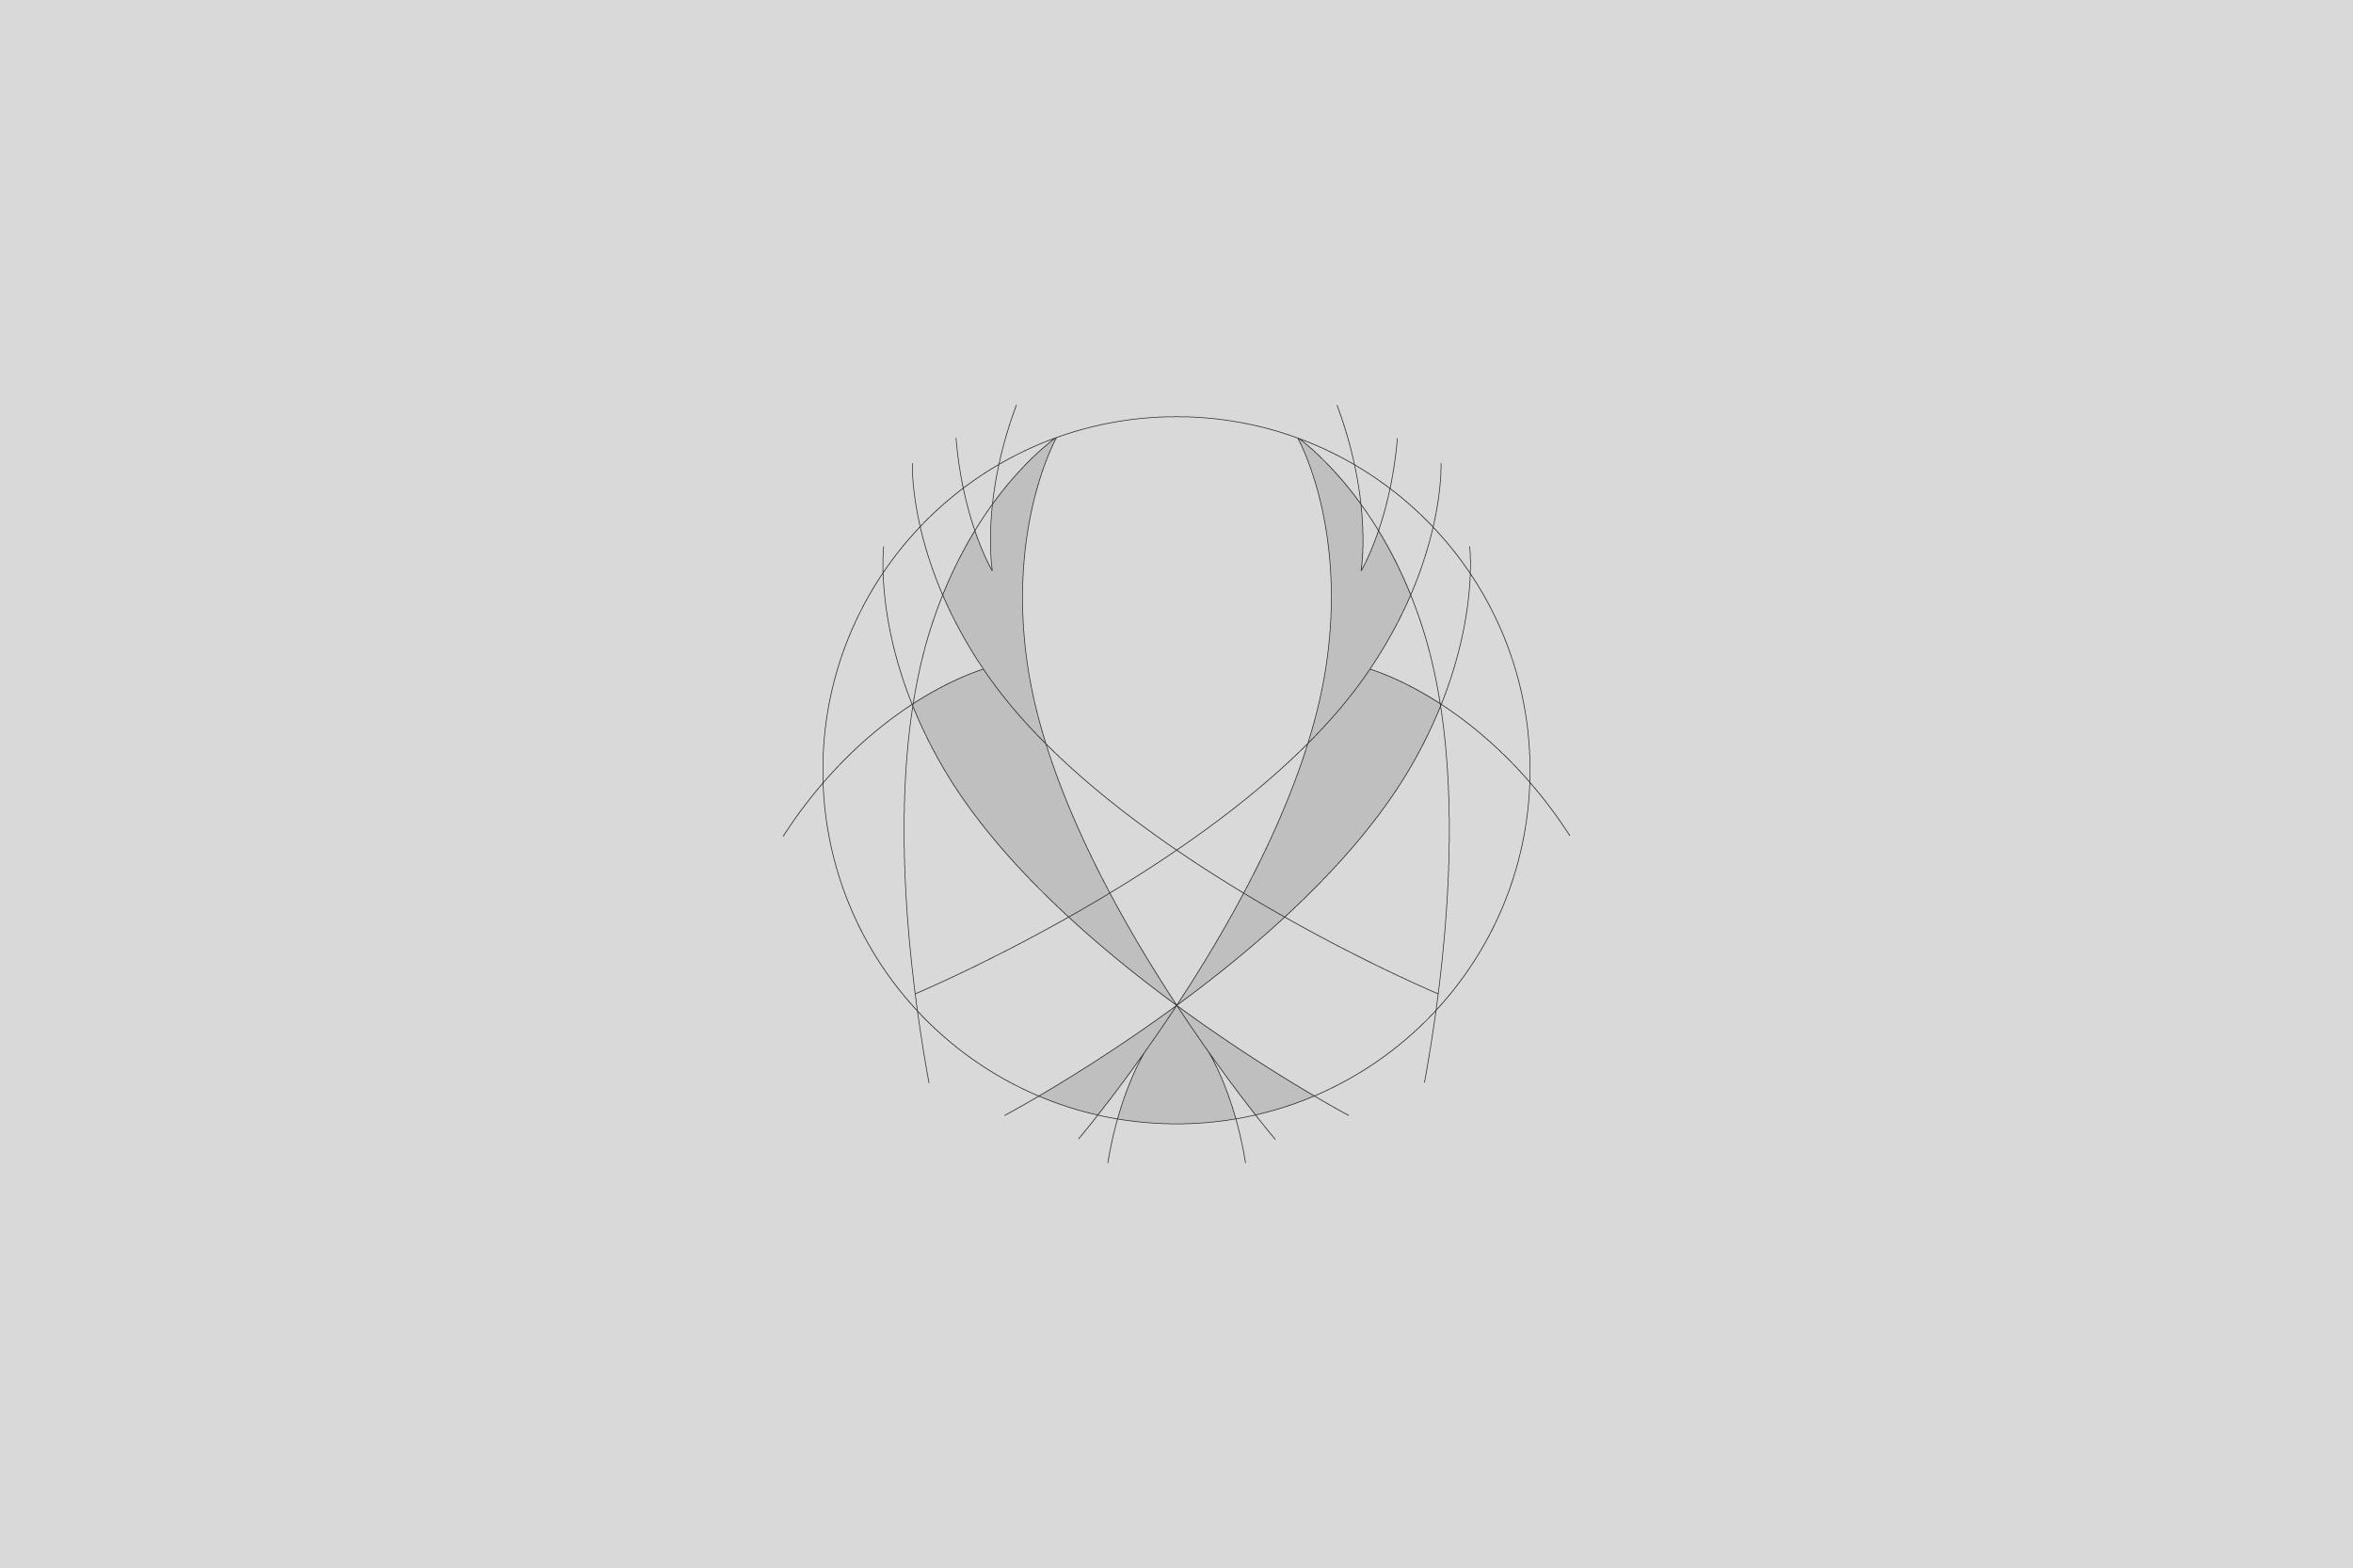 galamb_behance_sketch